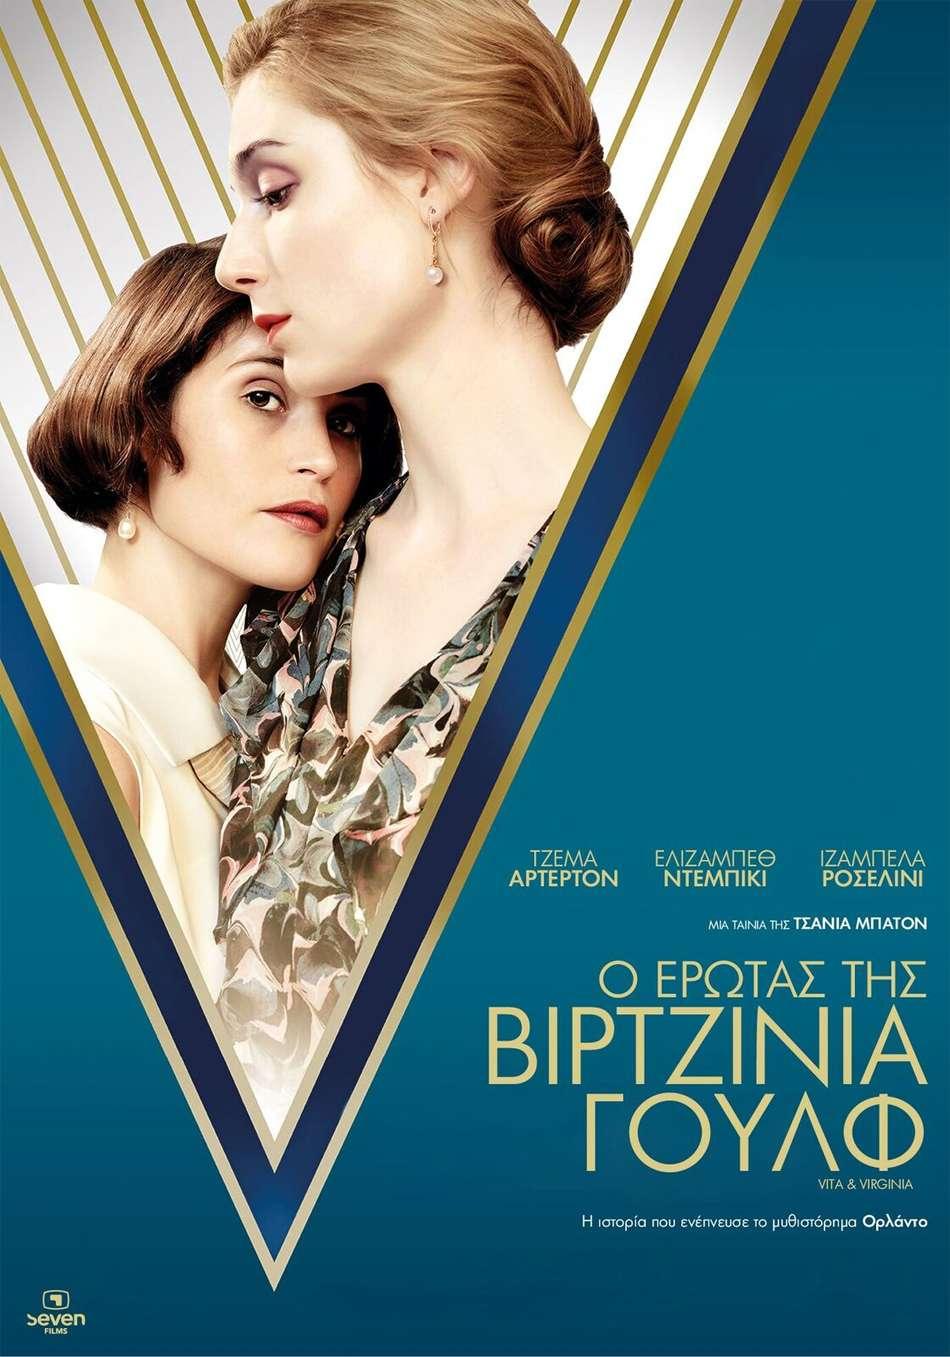 Ο Έρωτας της Βιρτζίνια Γουλφ (Vita & Virginia) - Trailer / Τρέιλερ Poster